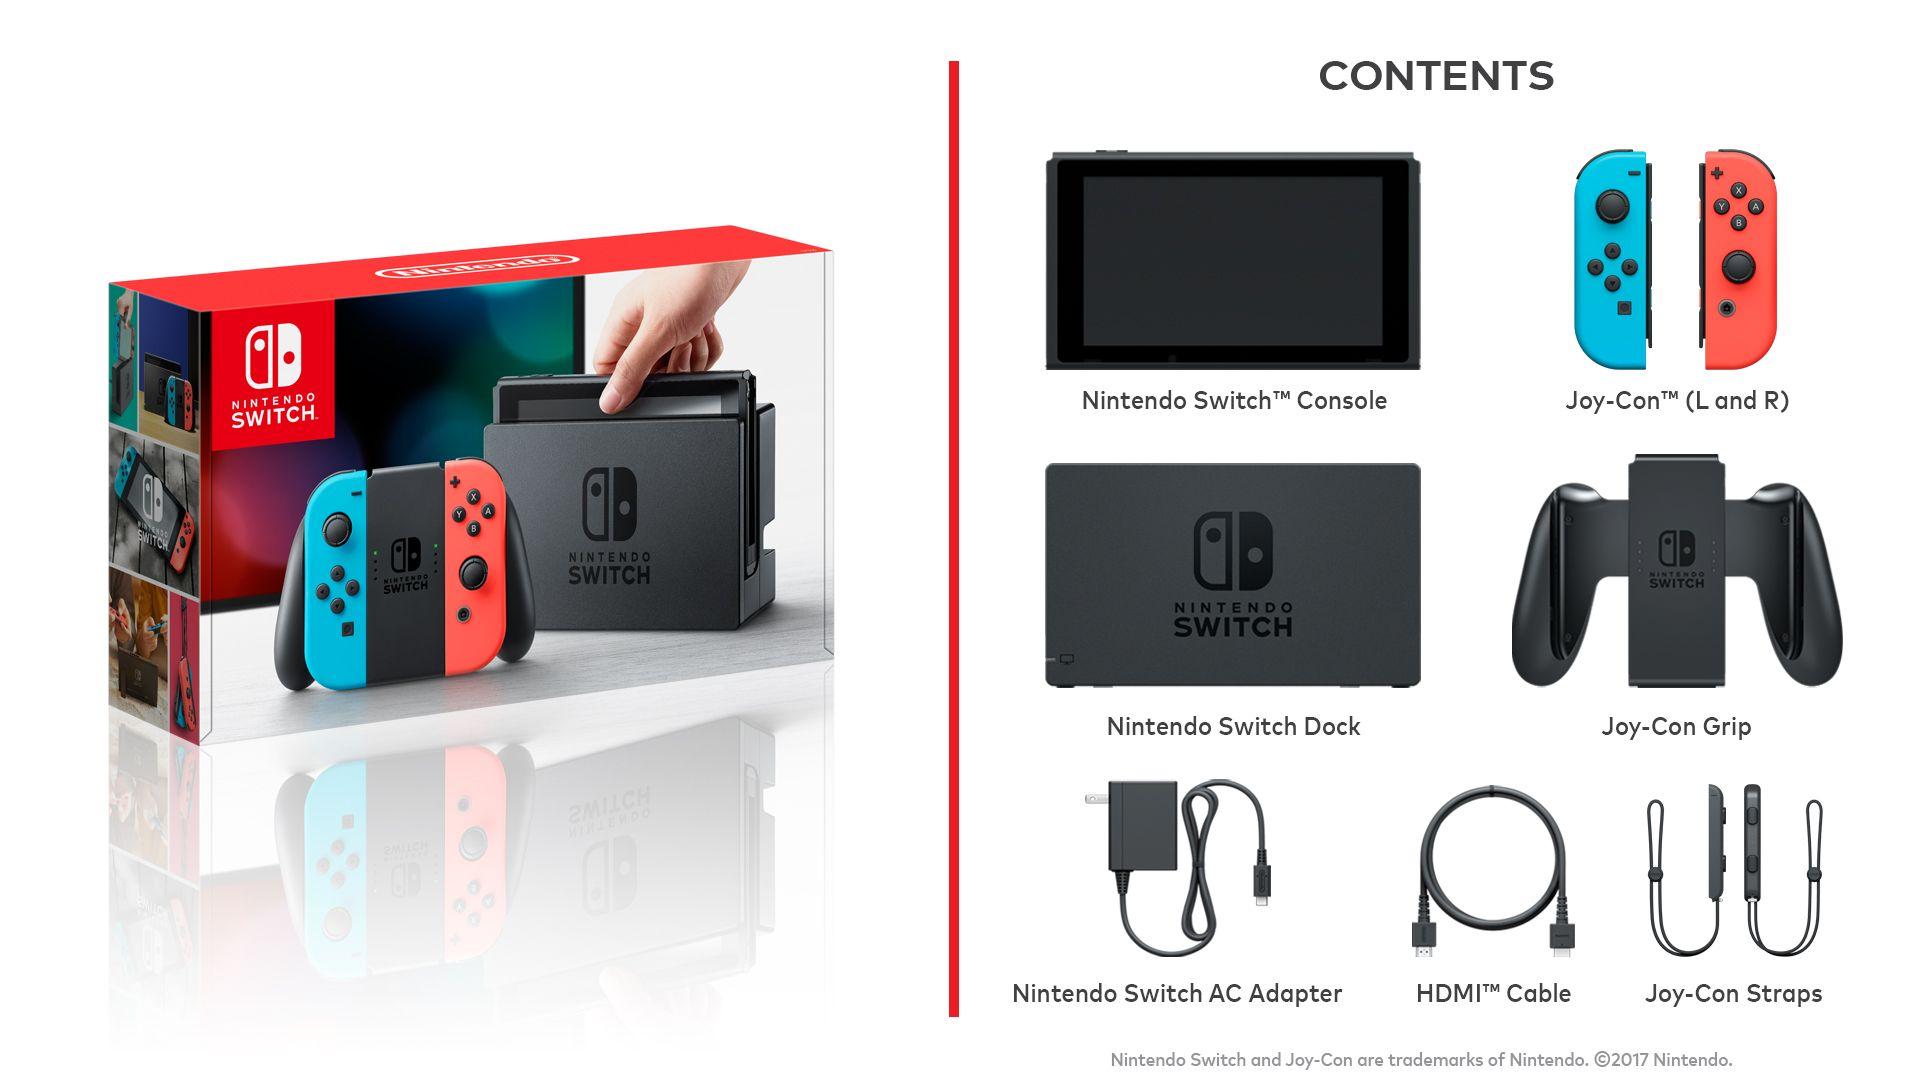 contents - Nintendo Switch Get Best Price Deals